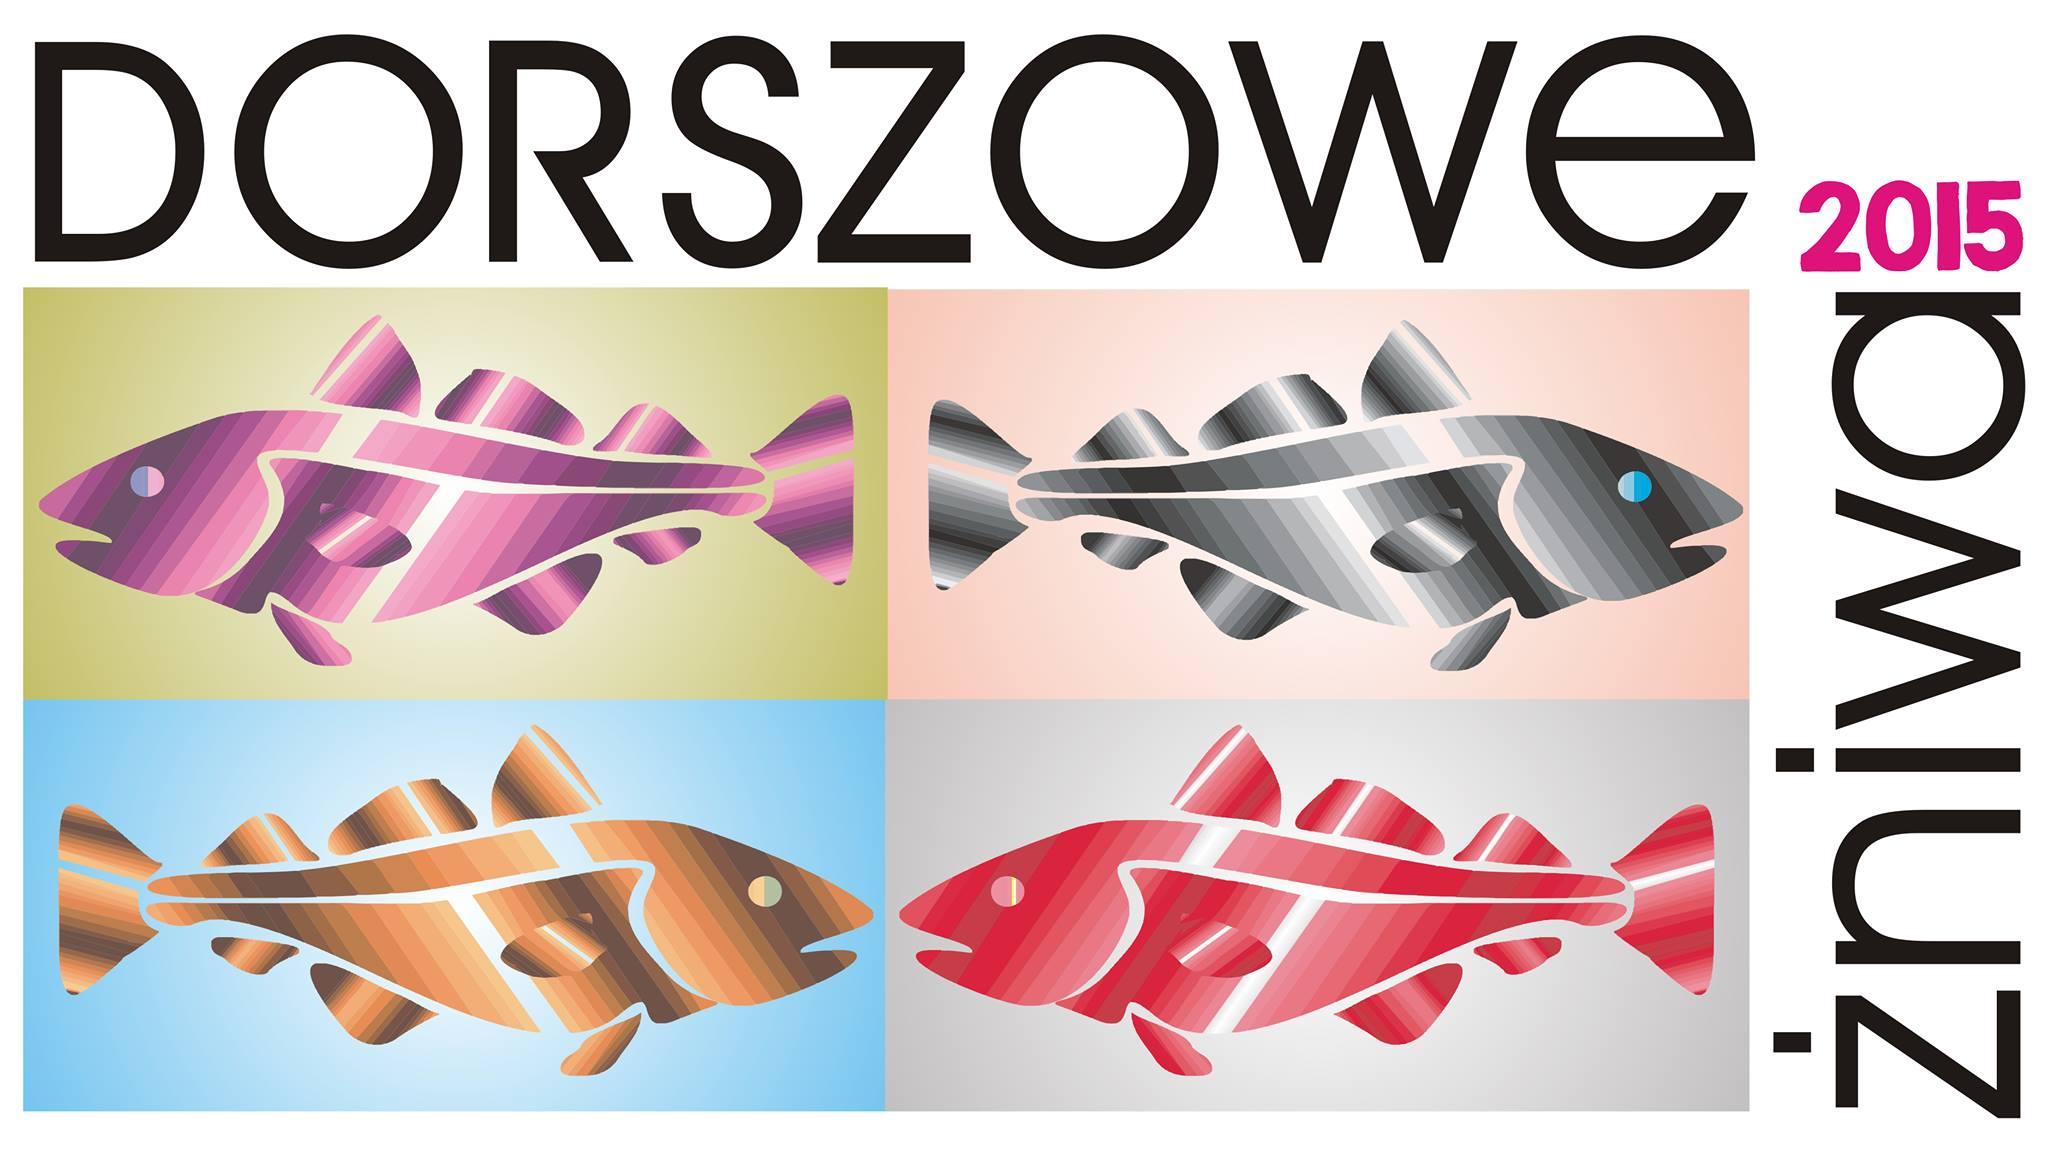 Dorszowe2015